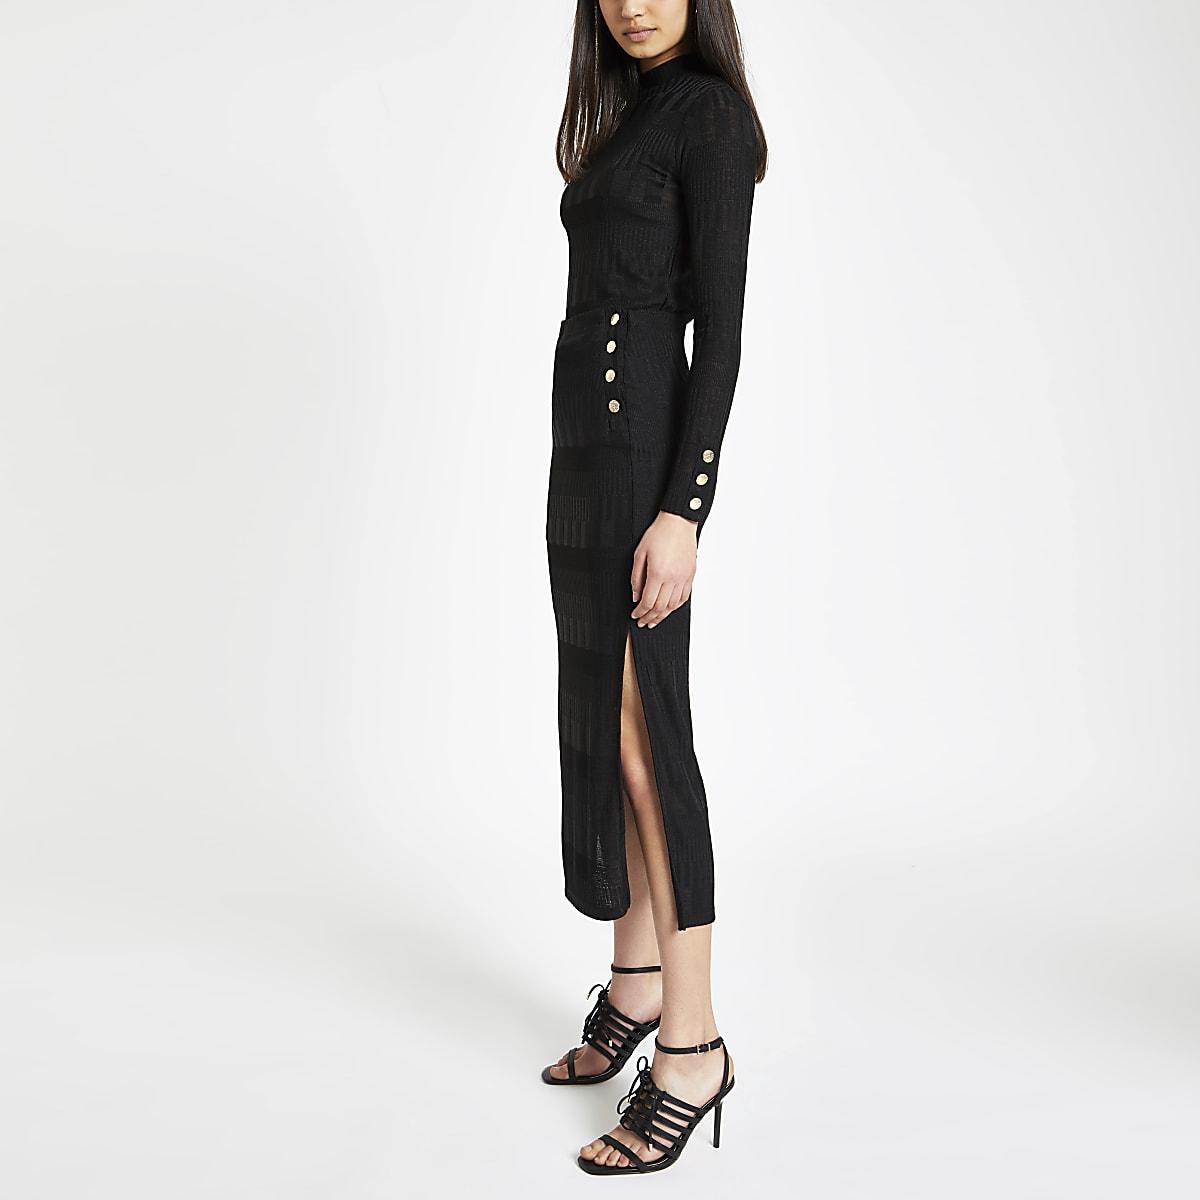 Jupe mi-longue en jersey noire à boutons sur le côté